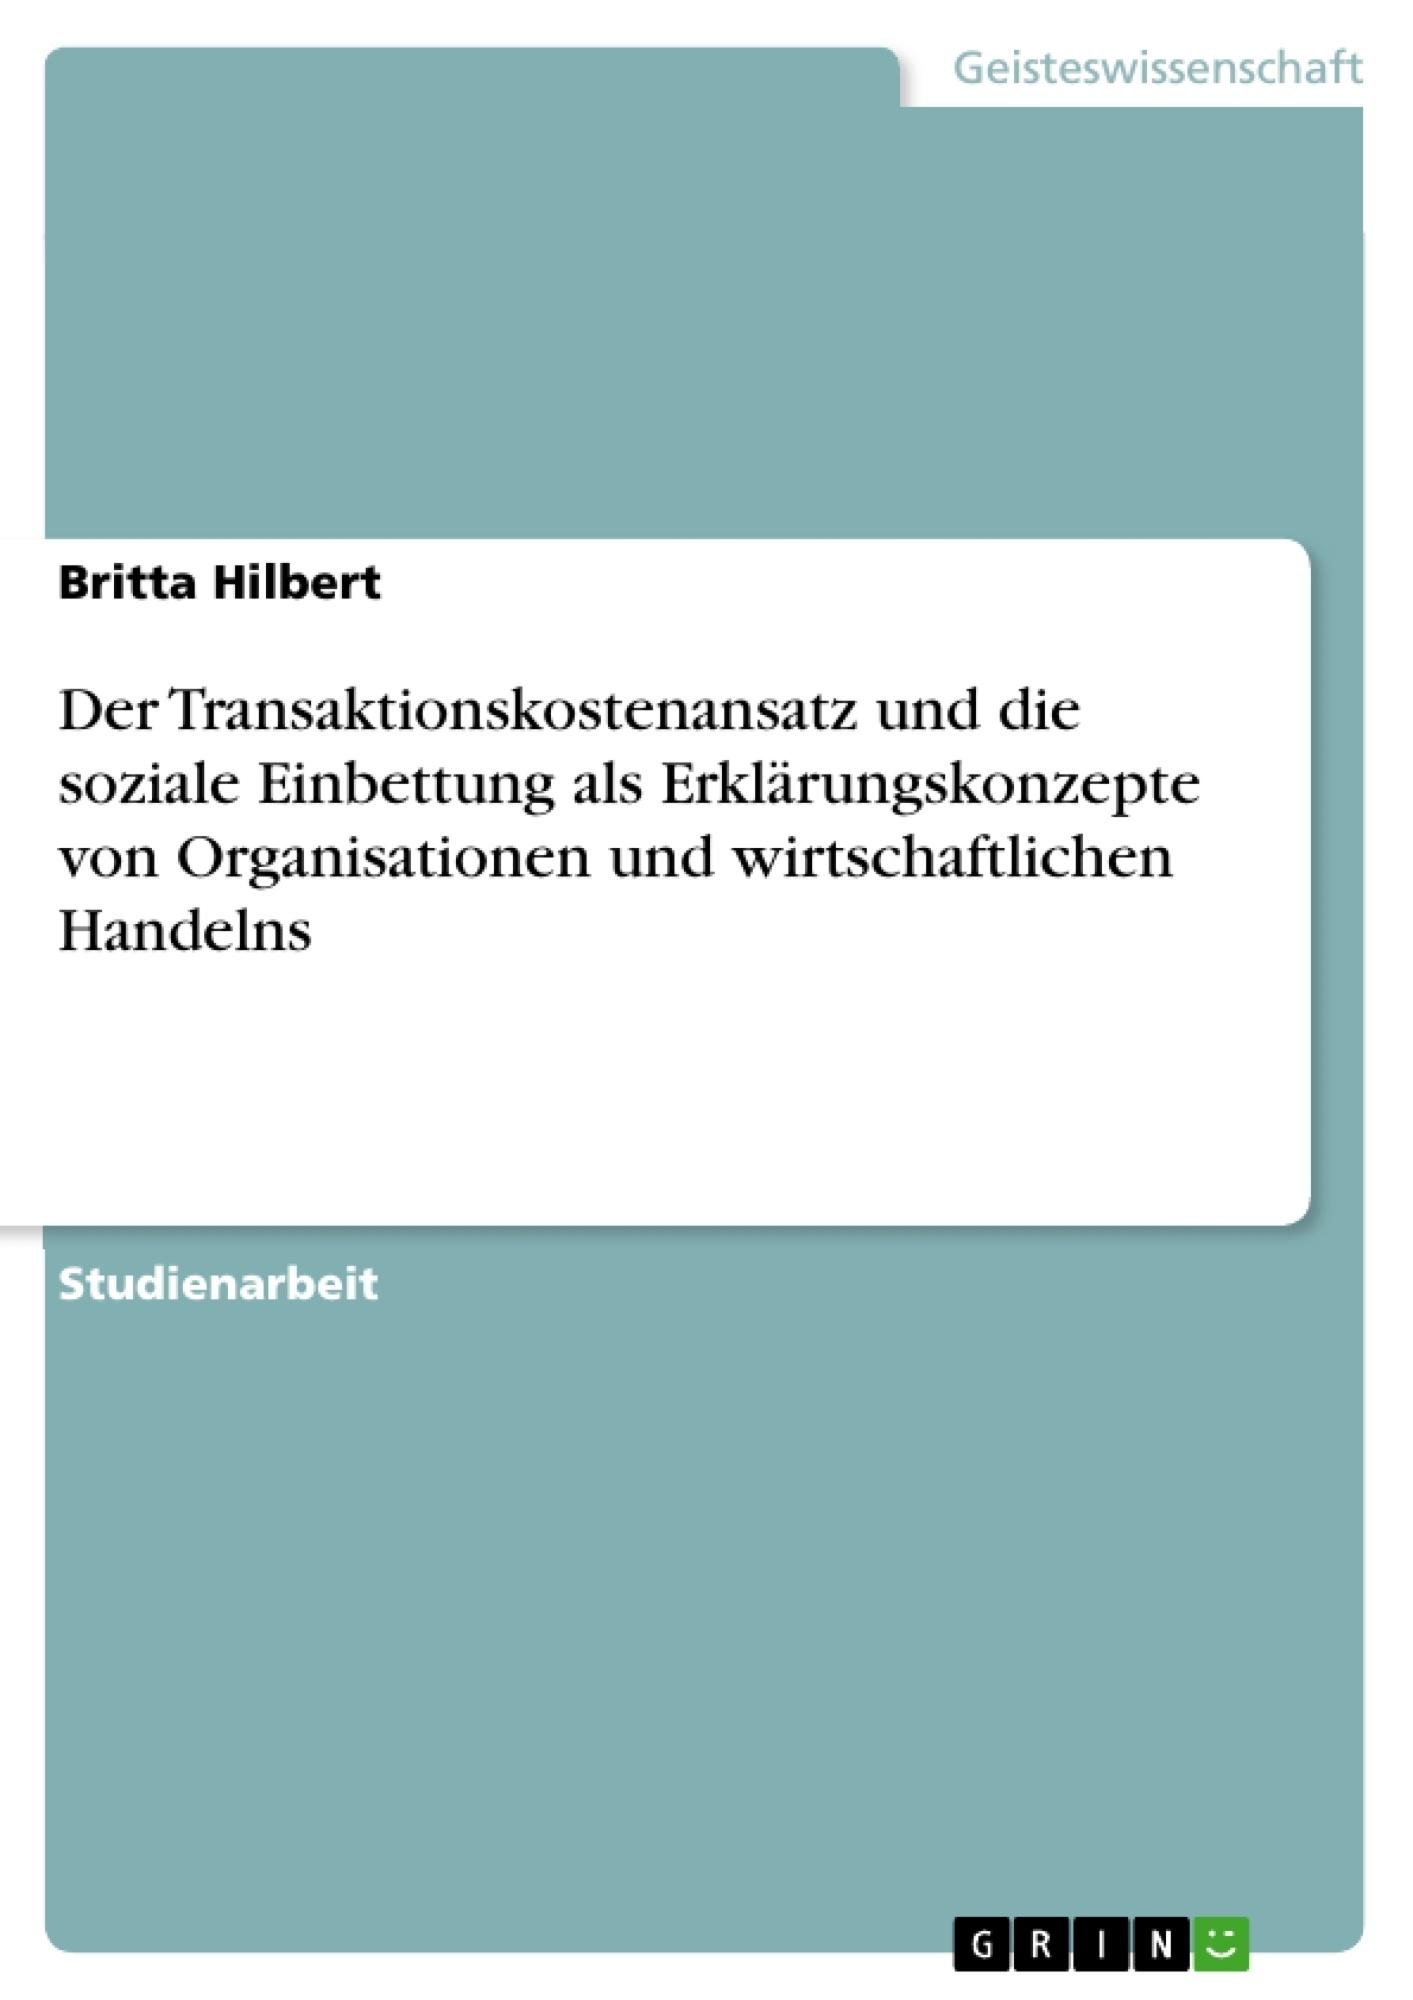 Titel: Der Transaktionskostenansatz und die soziale Einbettung als Erklärungskonzepte von Organisationen und wirtschaftlichen Handelns